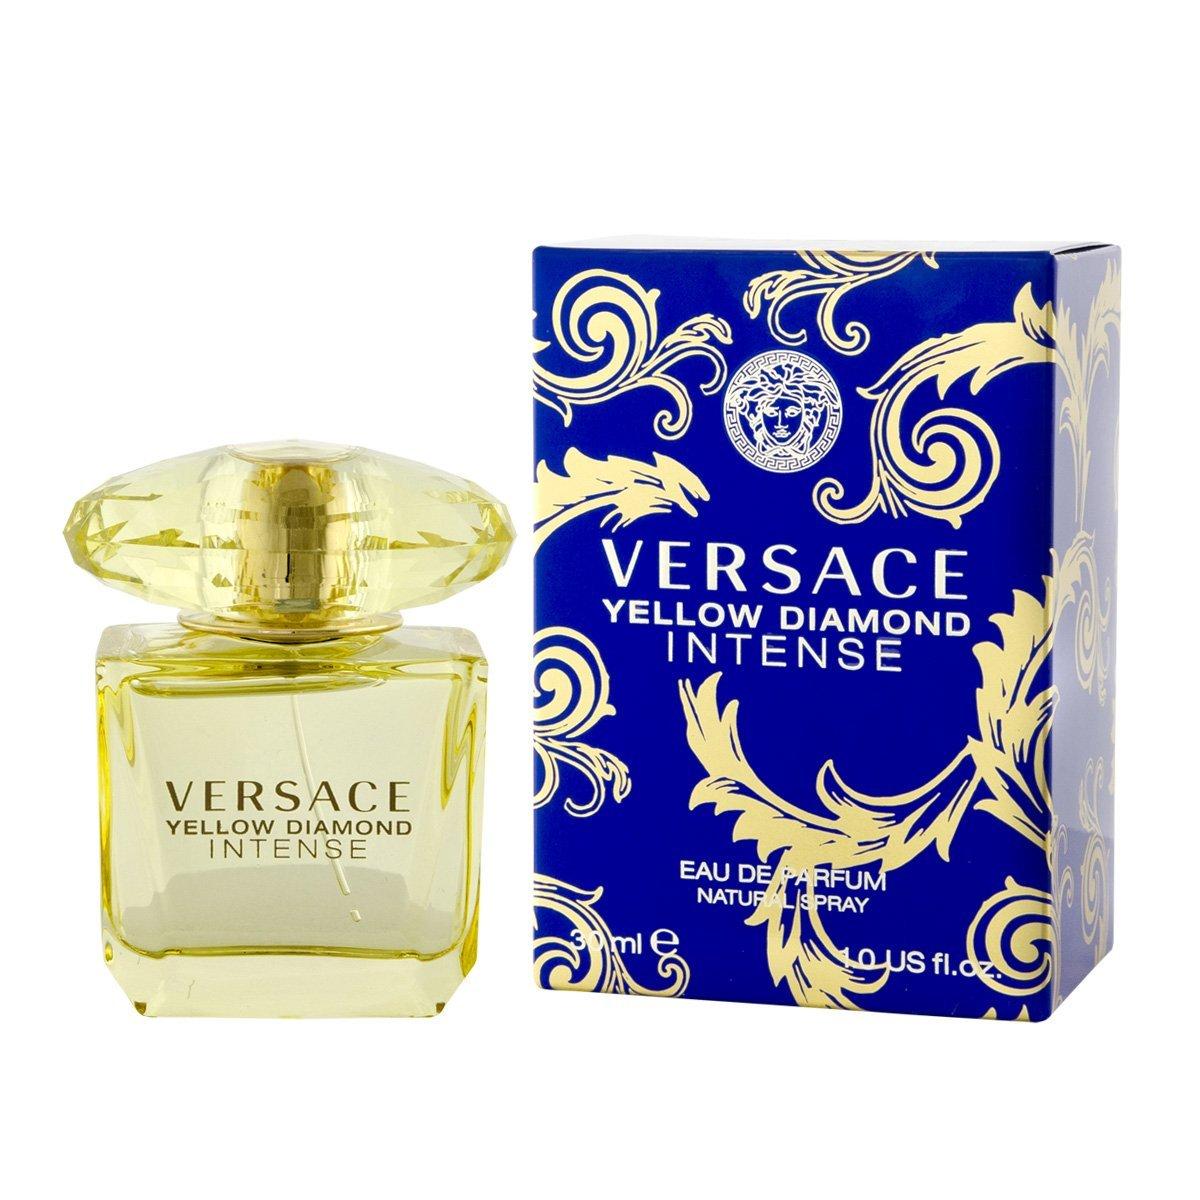 4b39364343 Versace yellow diamonds intense EDP Parfum SP 30 ml GIANNI VERSACE YELLOW  DIAMOND INTENSE EAU DE